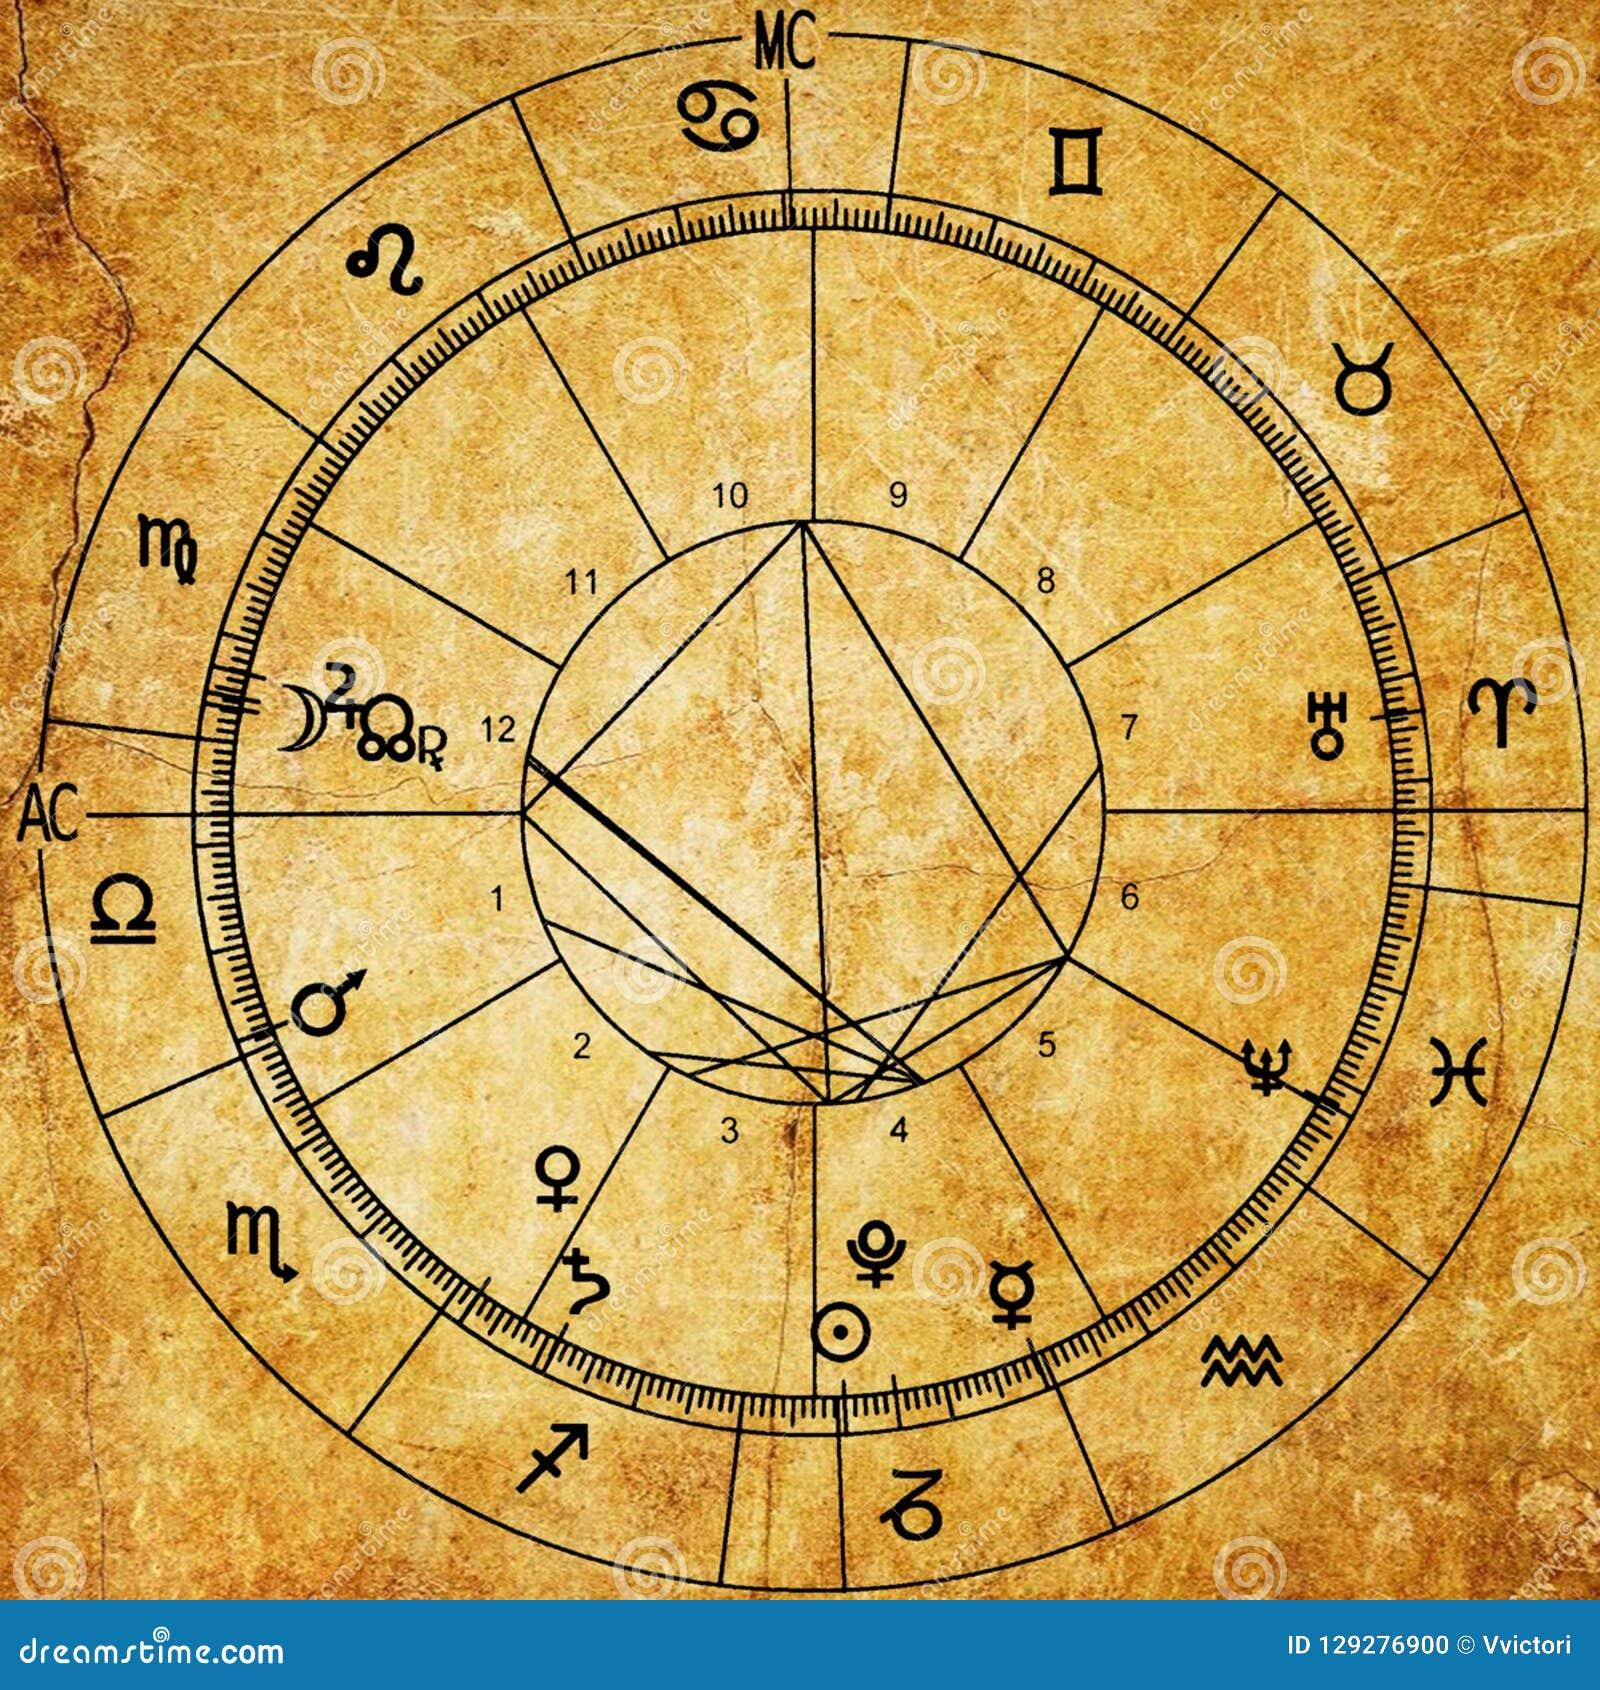 Vintage Astrology Natal Chart Old Paper Stock Illustration ...